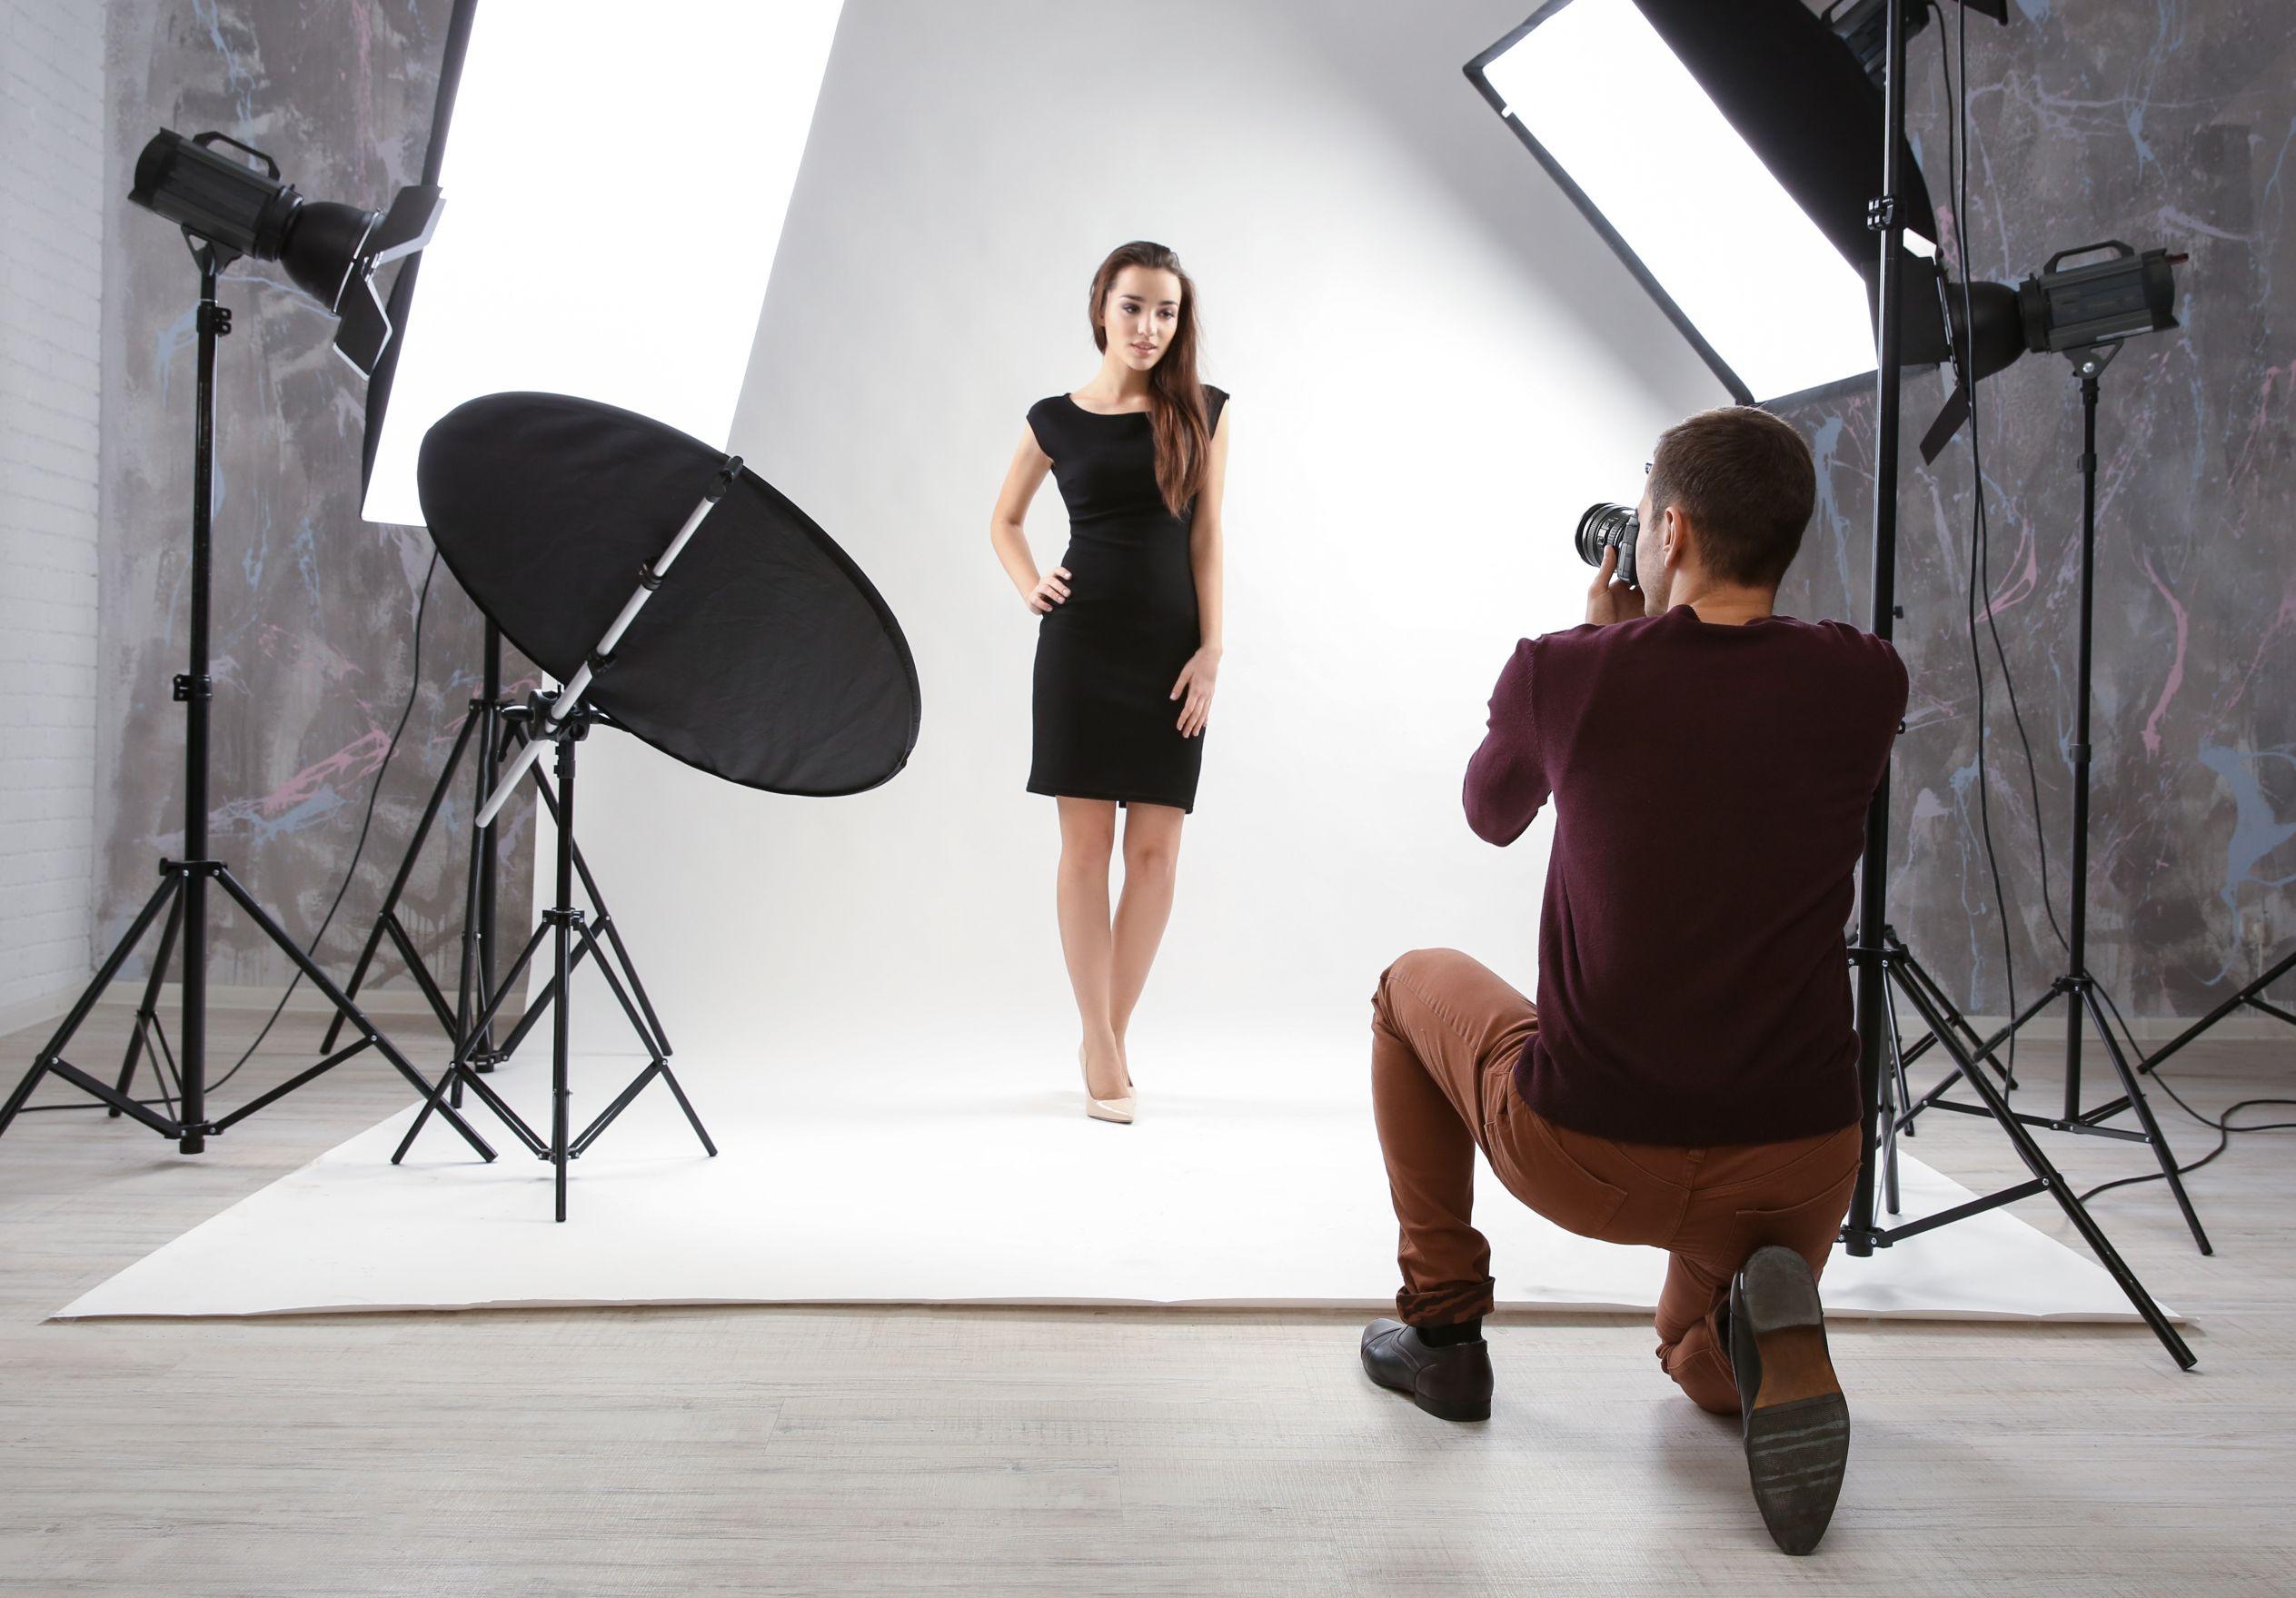 фемиды удовлетворили как общаться с моделью на фотосессии захотите плюсонёте